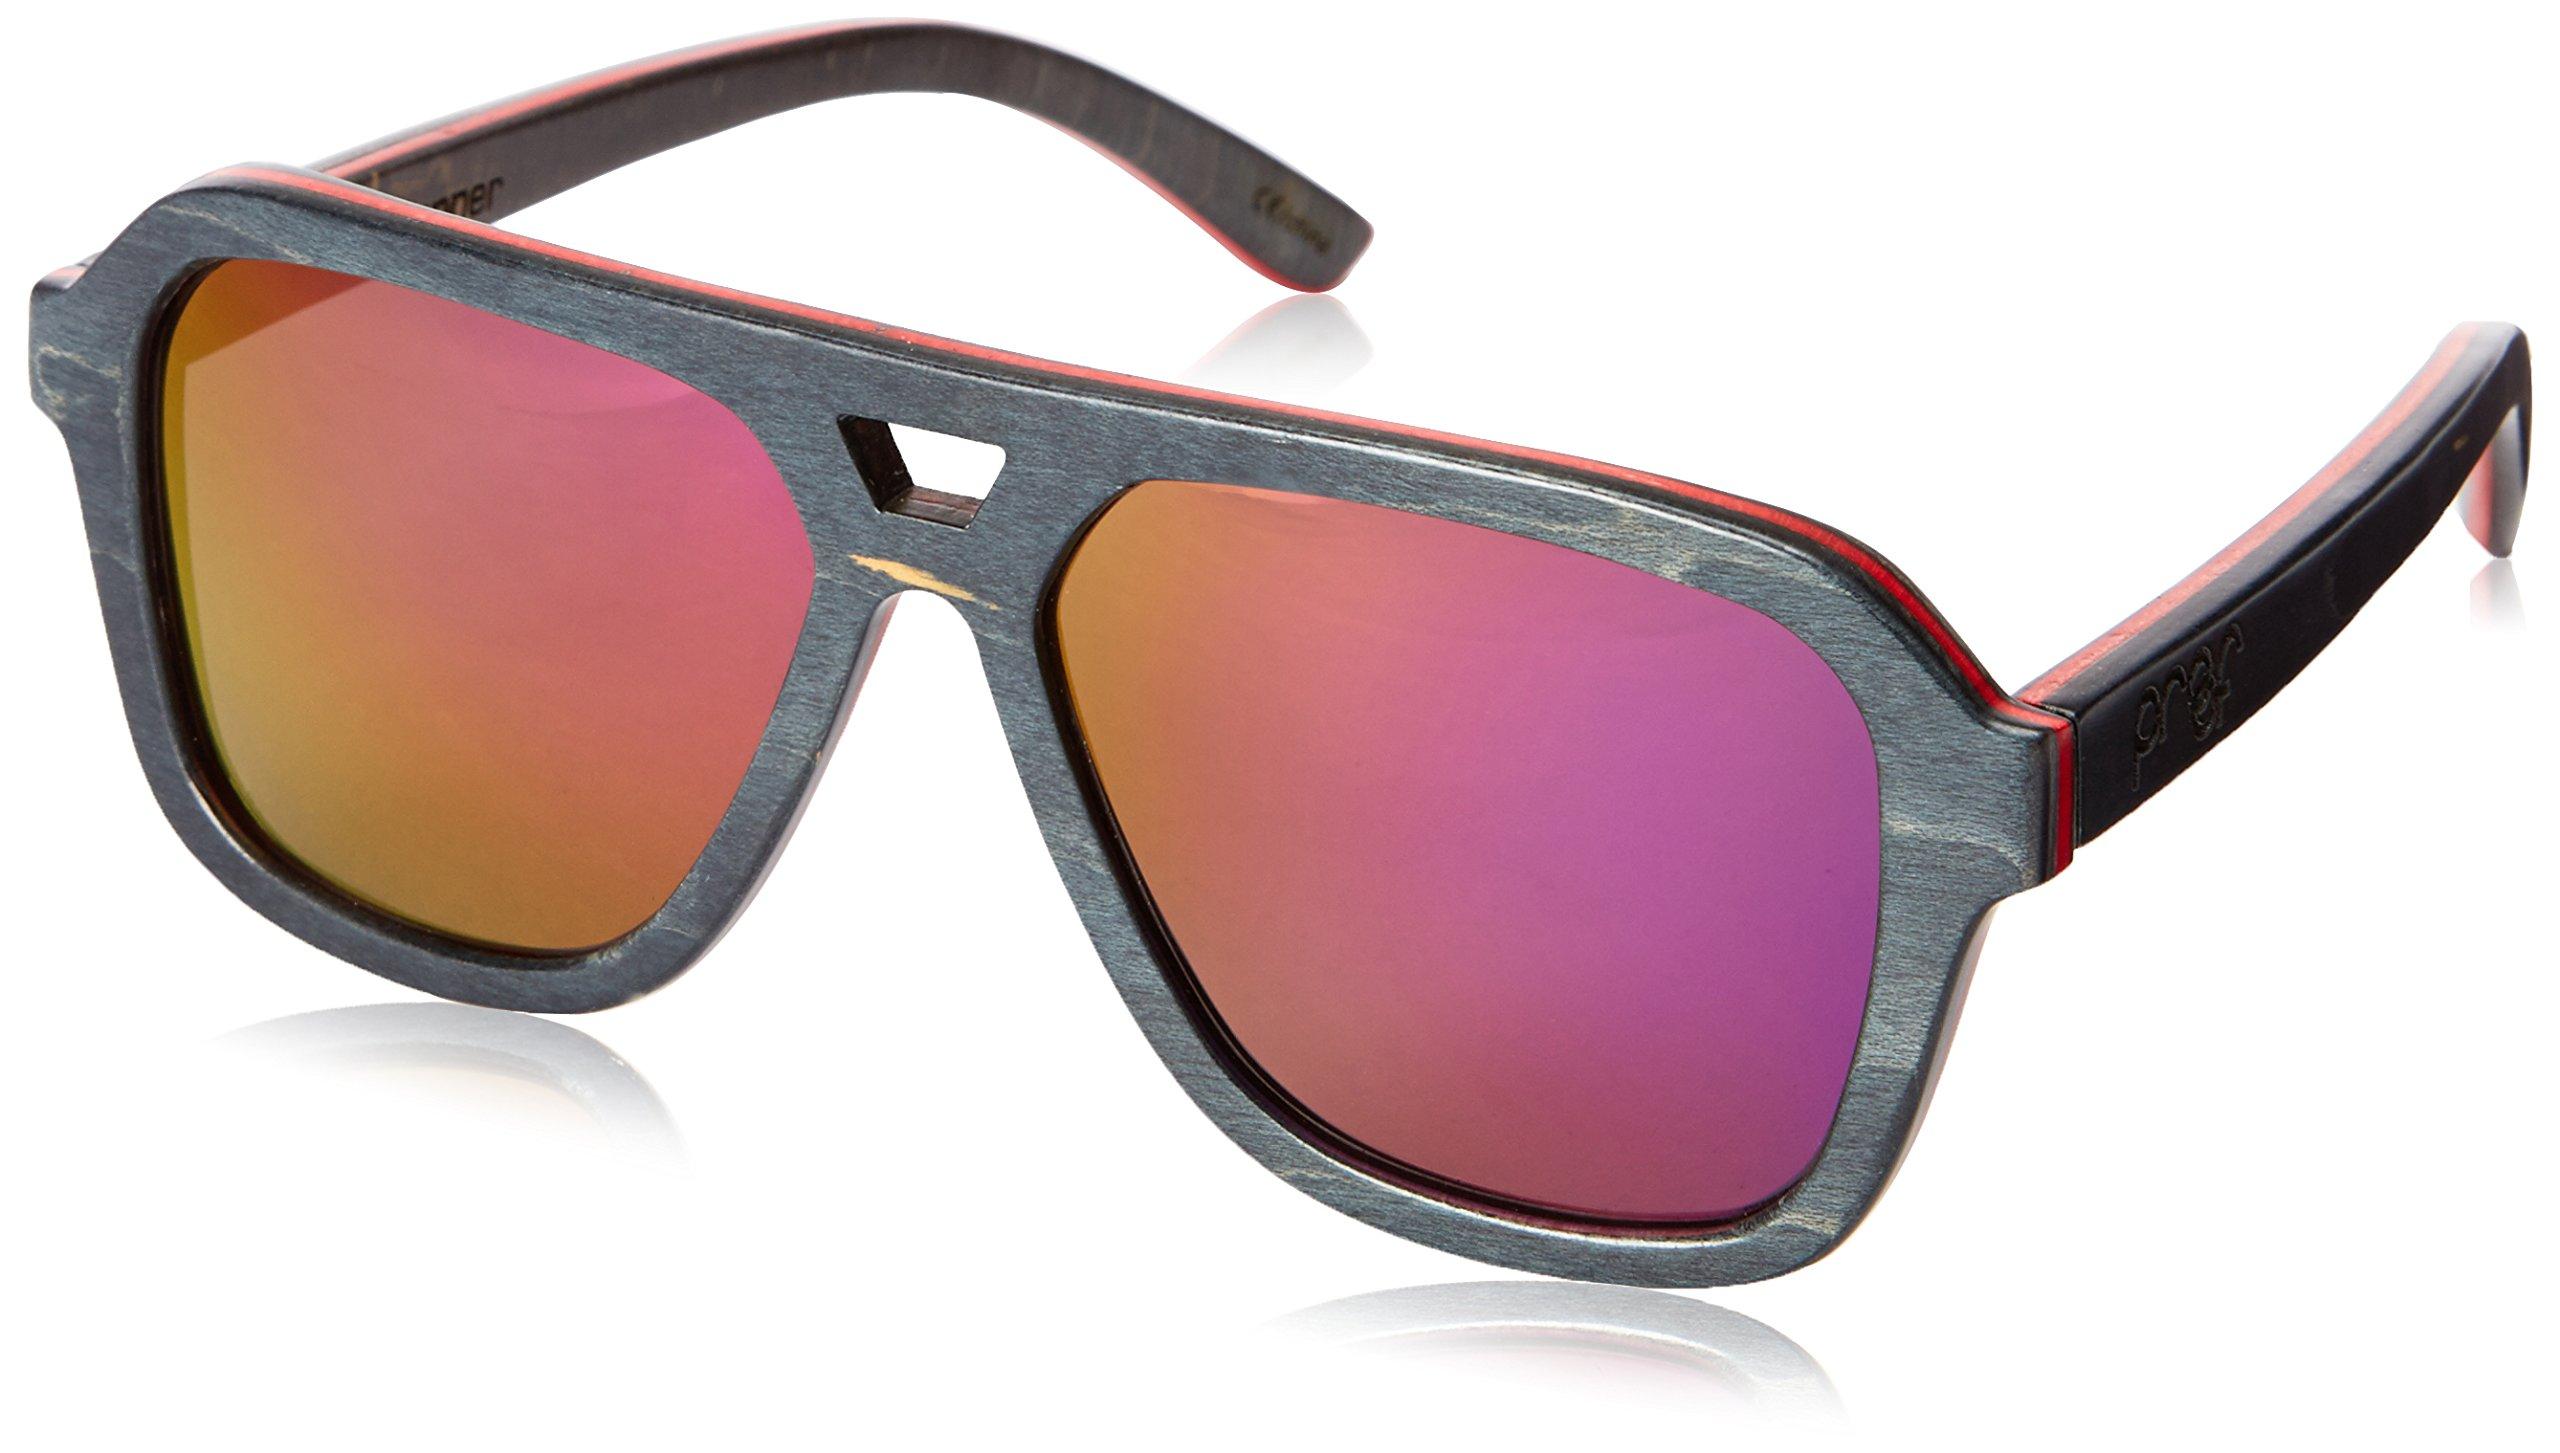 Proof Donner Skate Polarized Aviator Sunglasses, Black,Red & Black, 55 mm